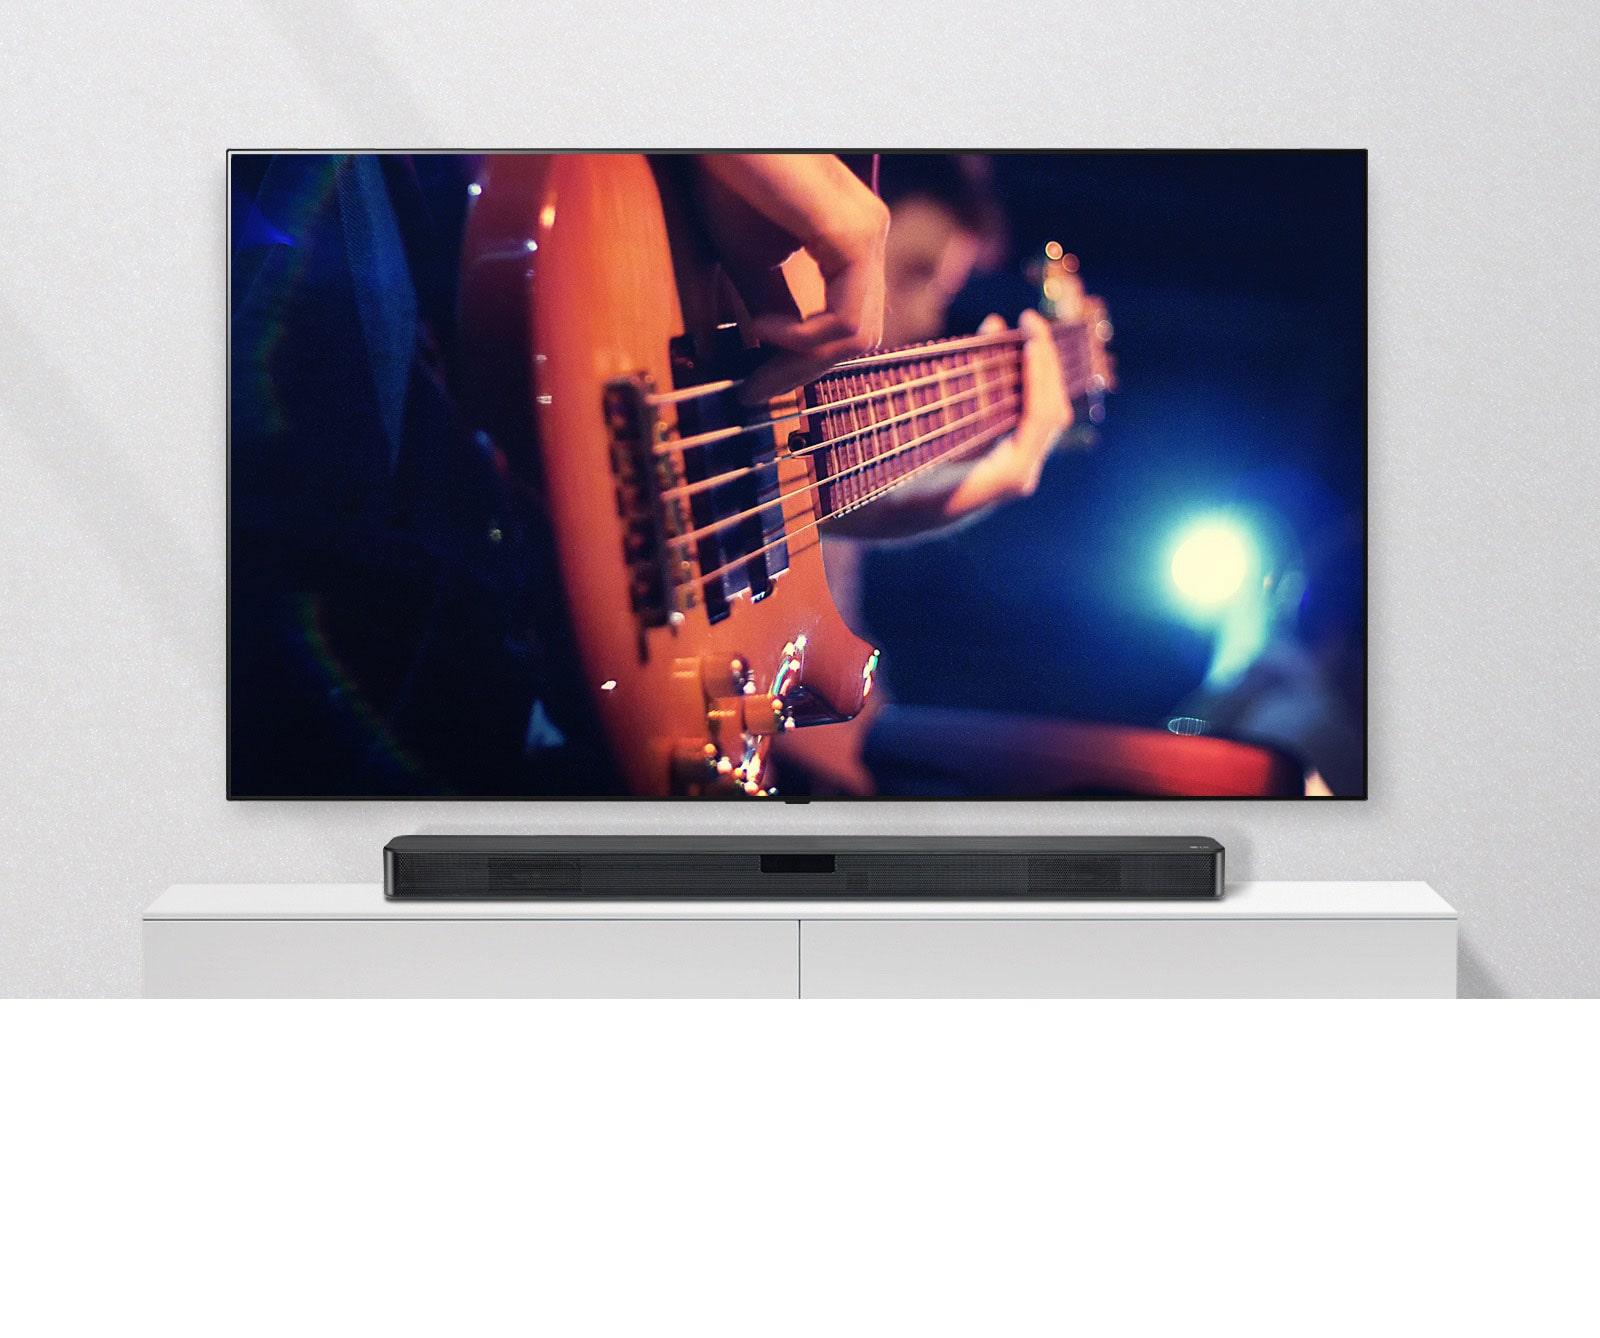 TV a falon és hangprojektor egy fehér polcon. A TV-ben egy gitározó férfi látható.